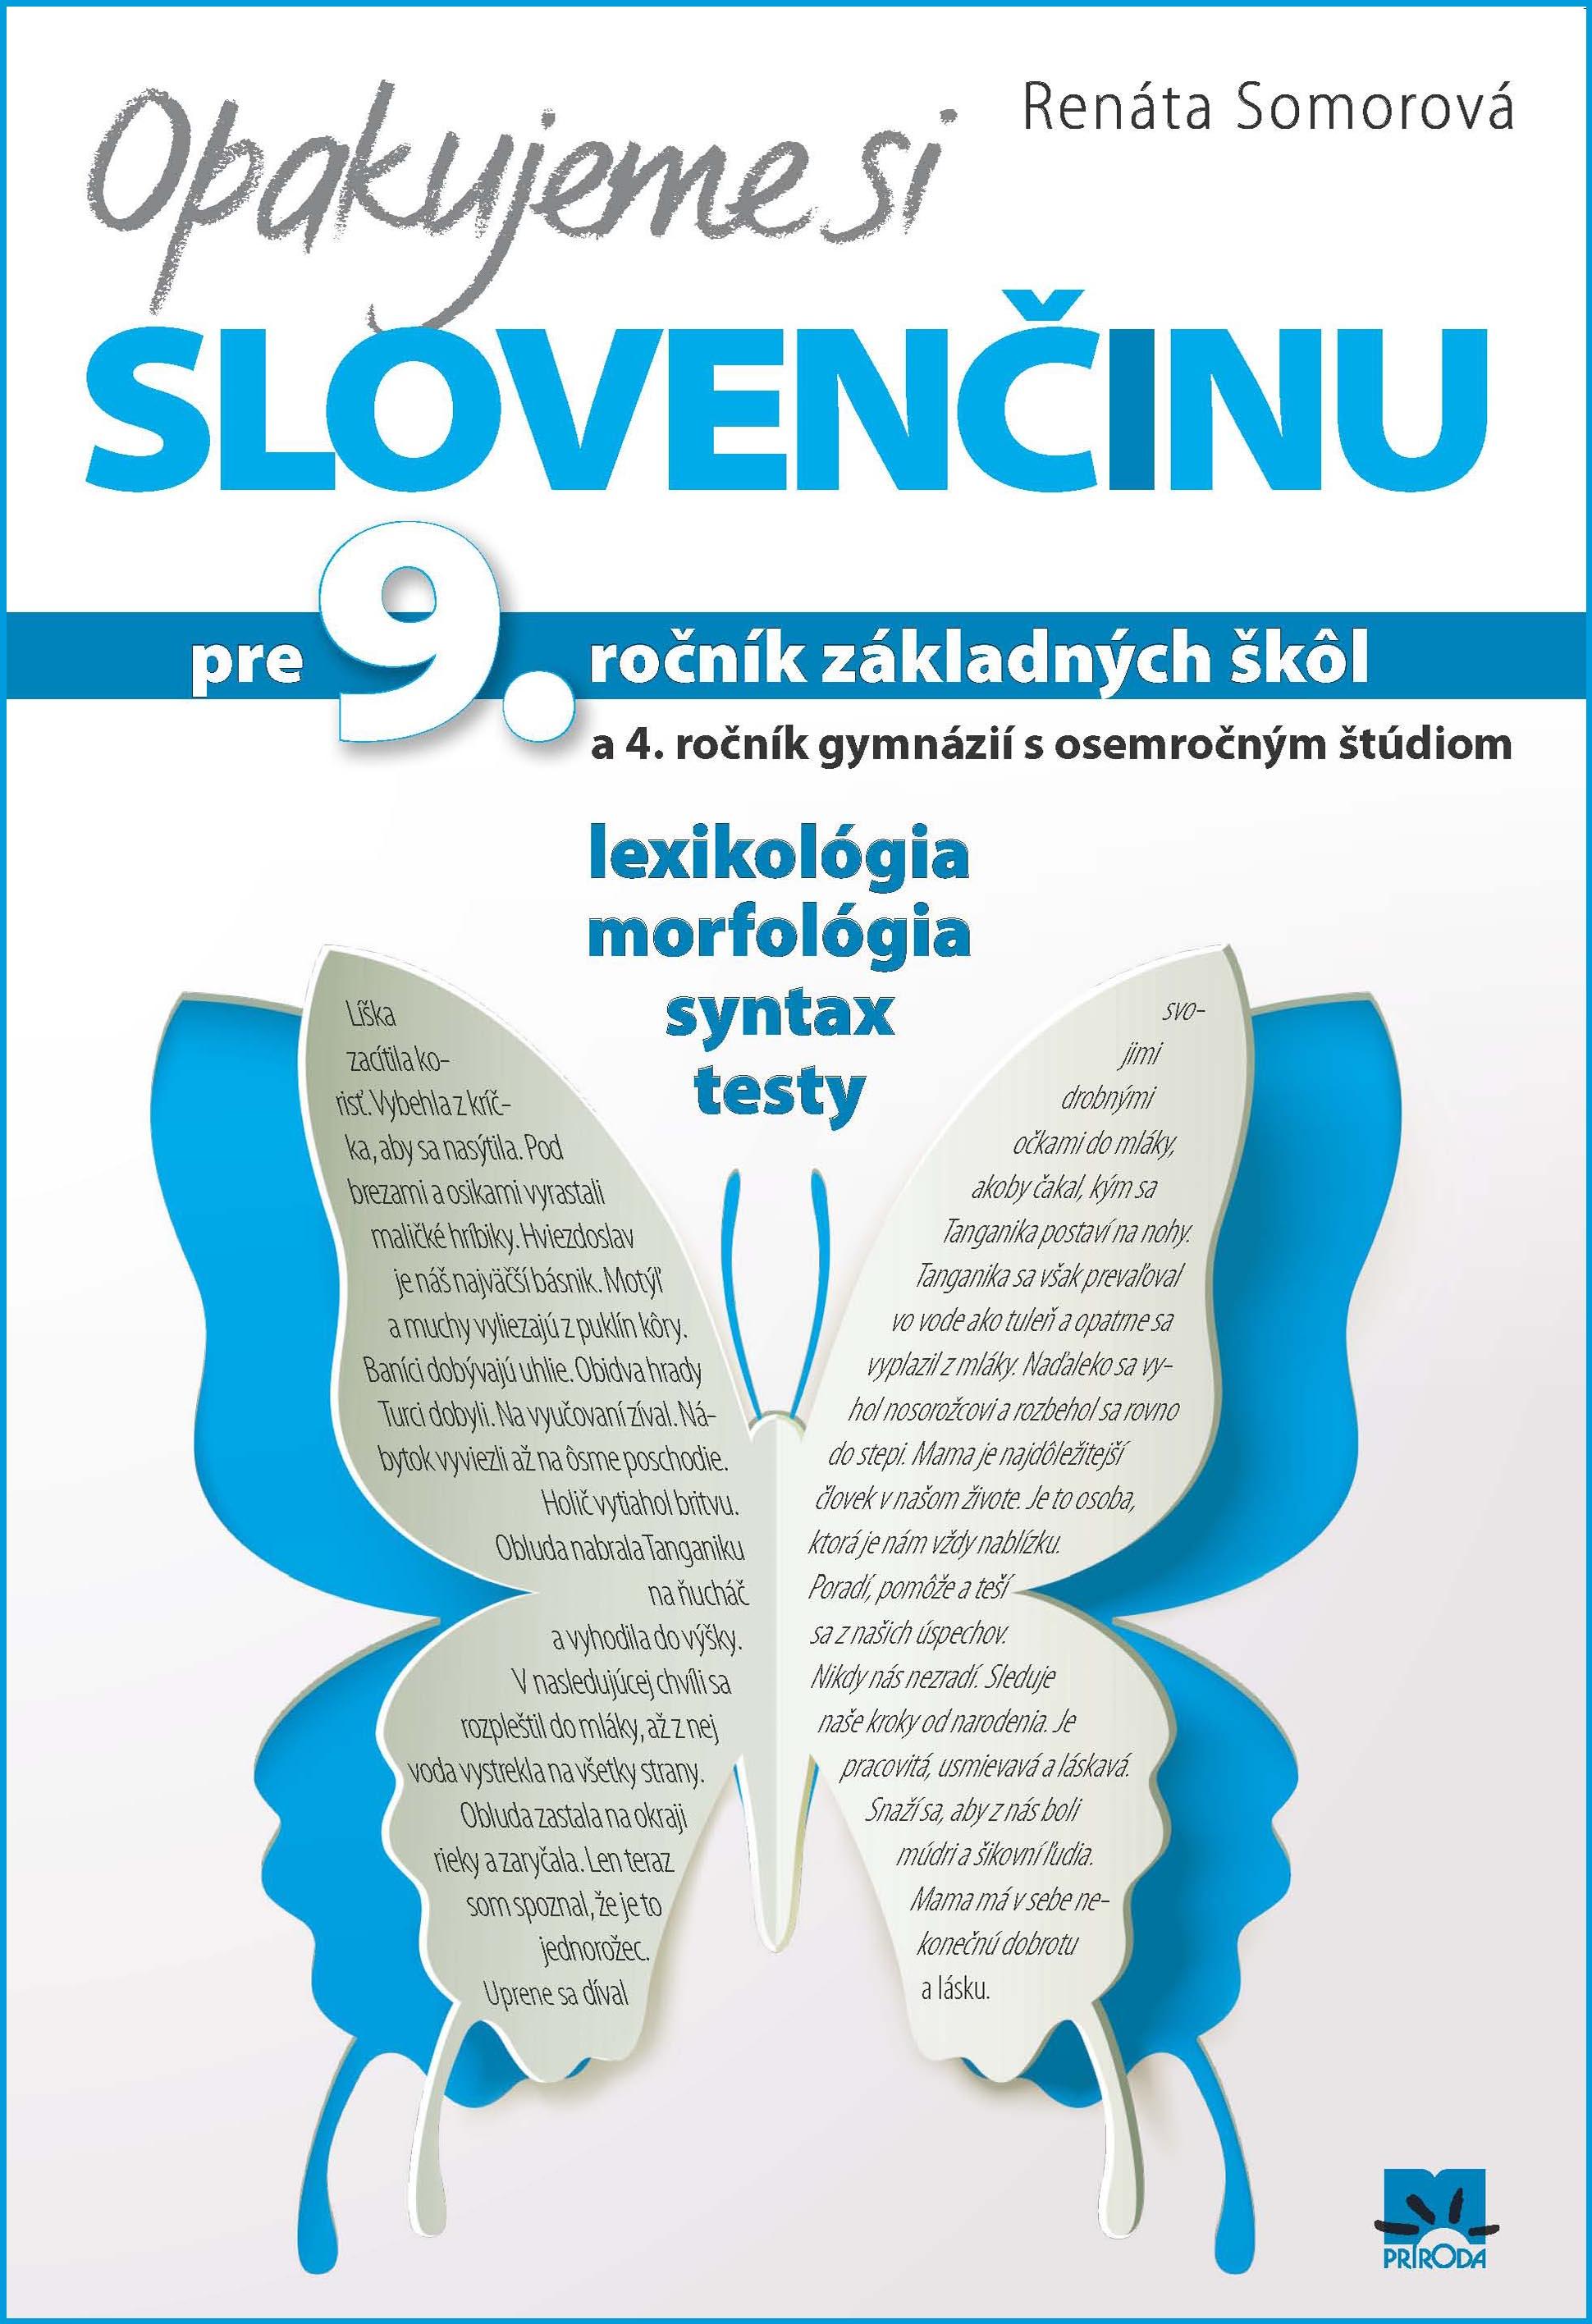 Opakujeme si slovenčinu pre 9. ročník základných škôl a 4. ročník gymnázií s osemročným štúdiom - lexikológia, morfológia, syntax, testy